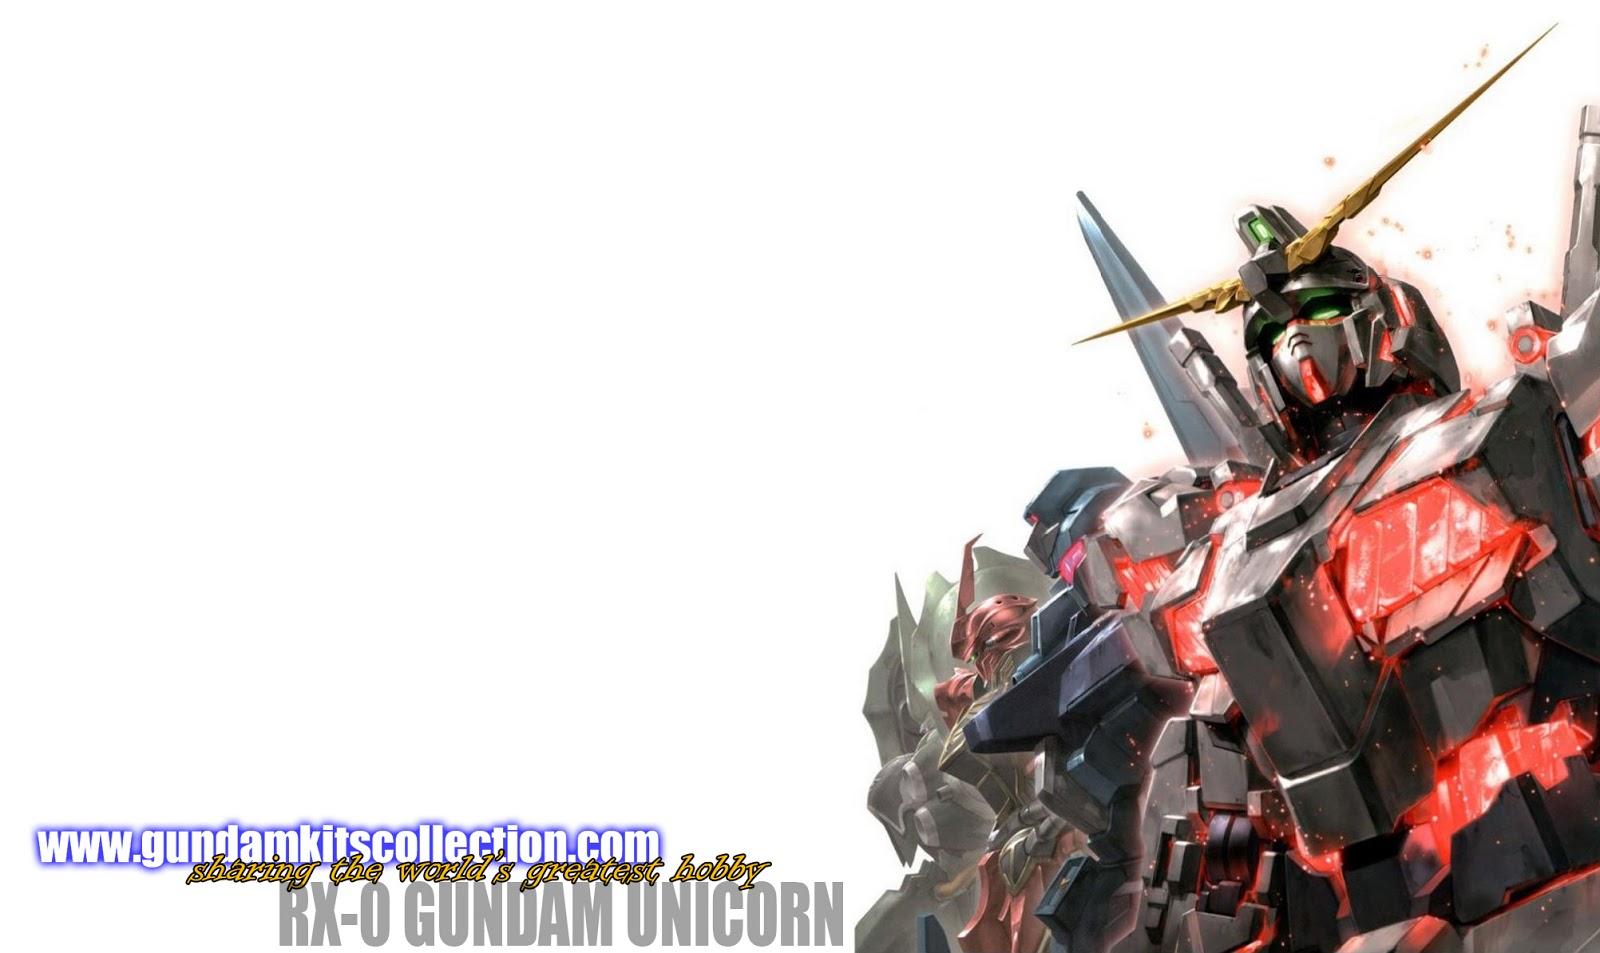 Gundam Unicorn and Banshee Wallpaper - Gundam Kits ... Gundam Banshee Wallpaper